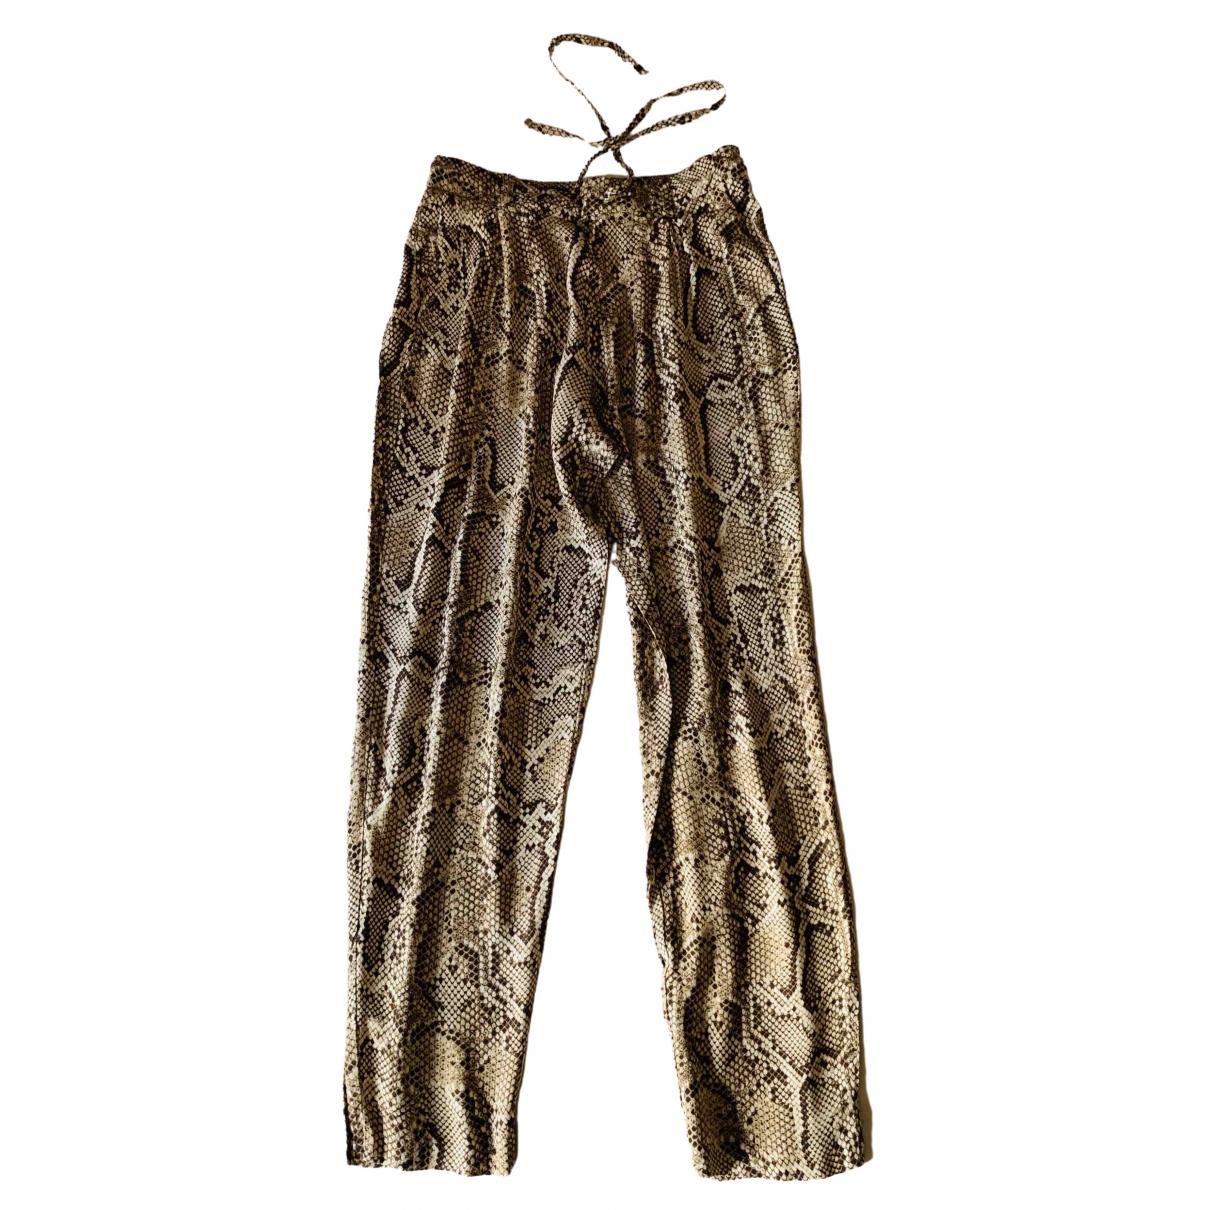 Zara \N Multicolour Trousers for Women XS International